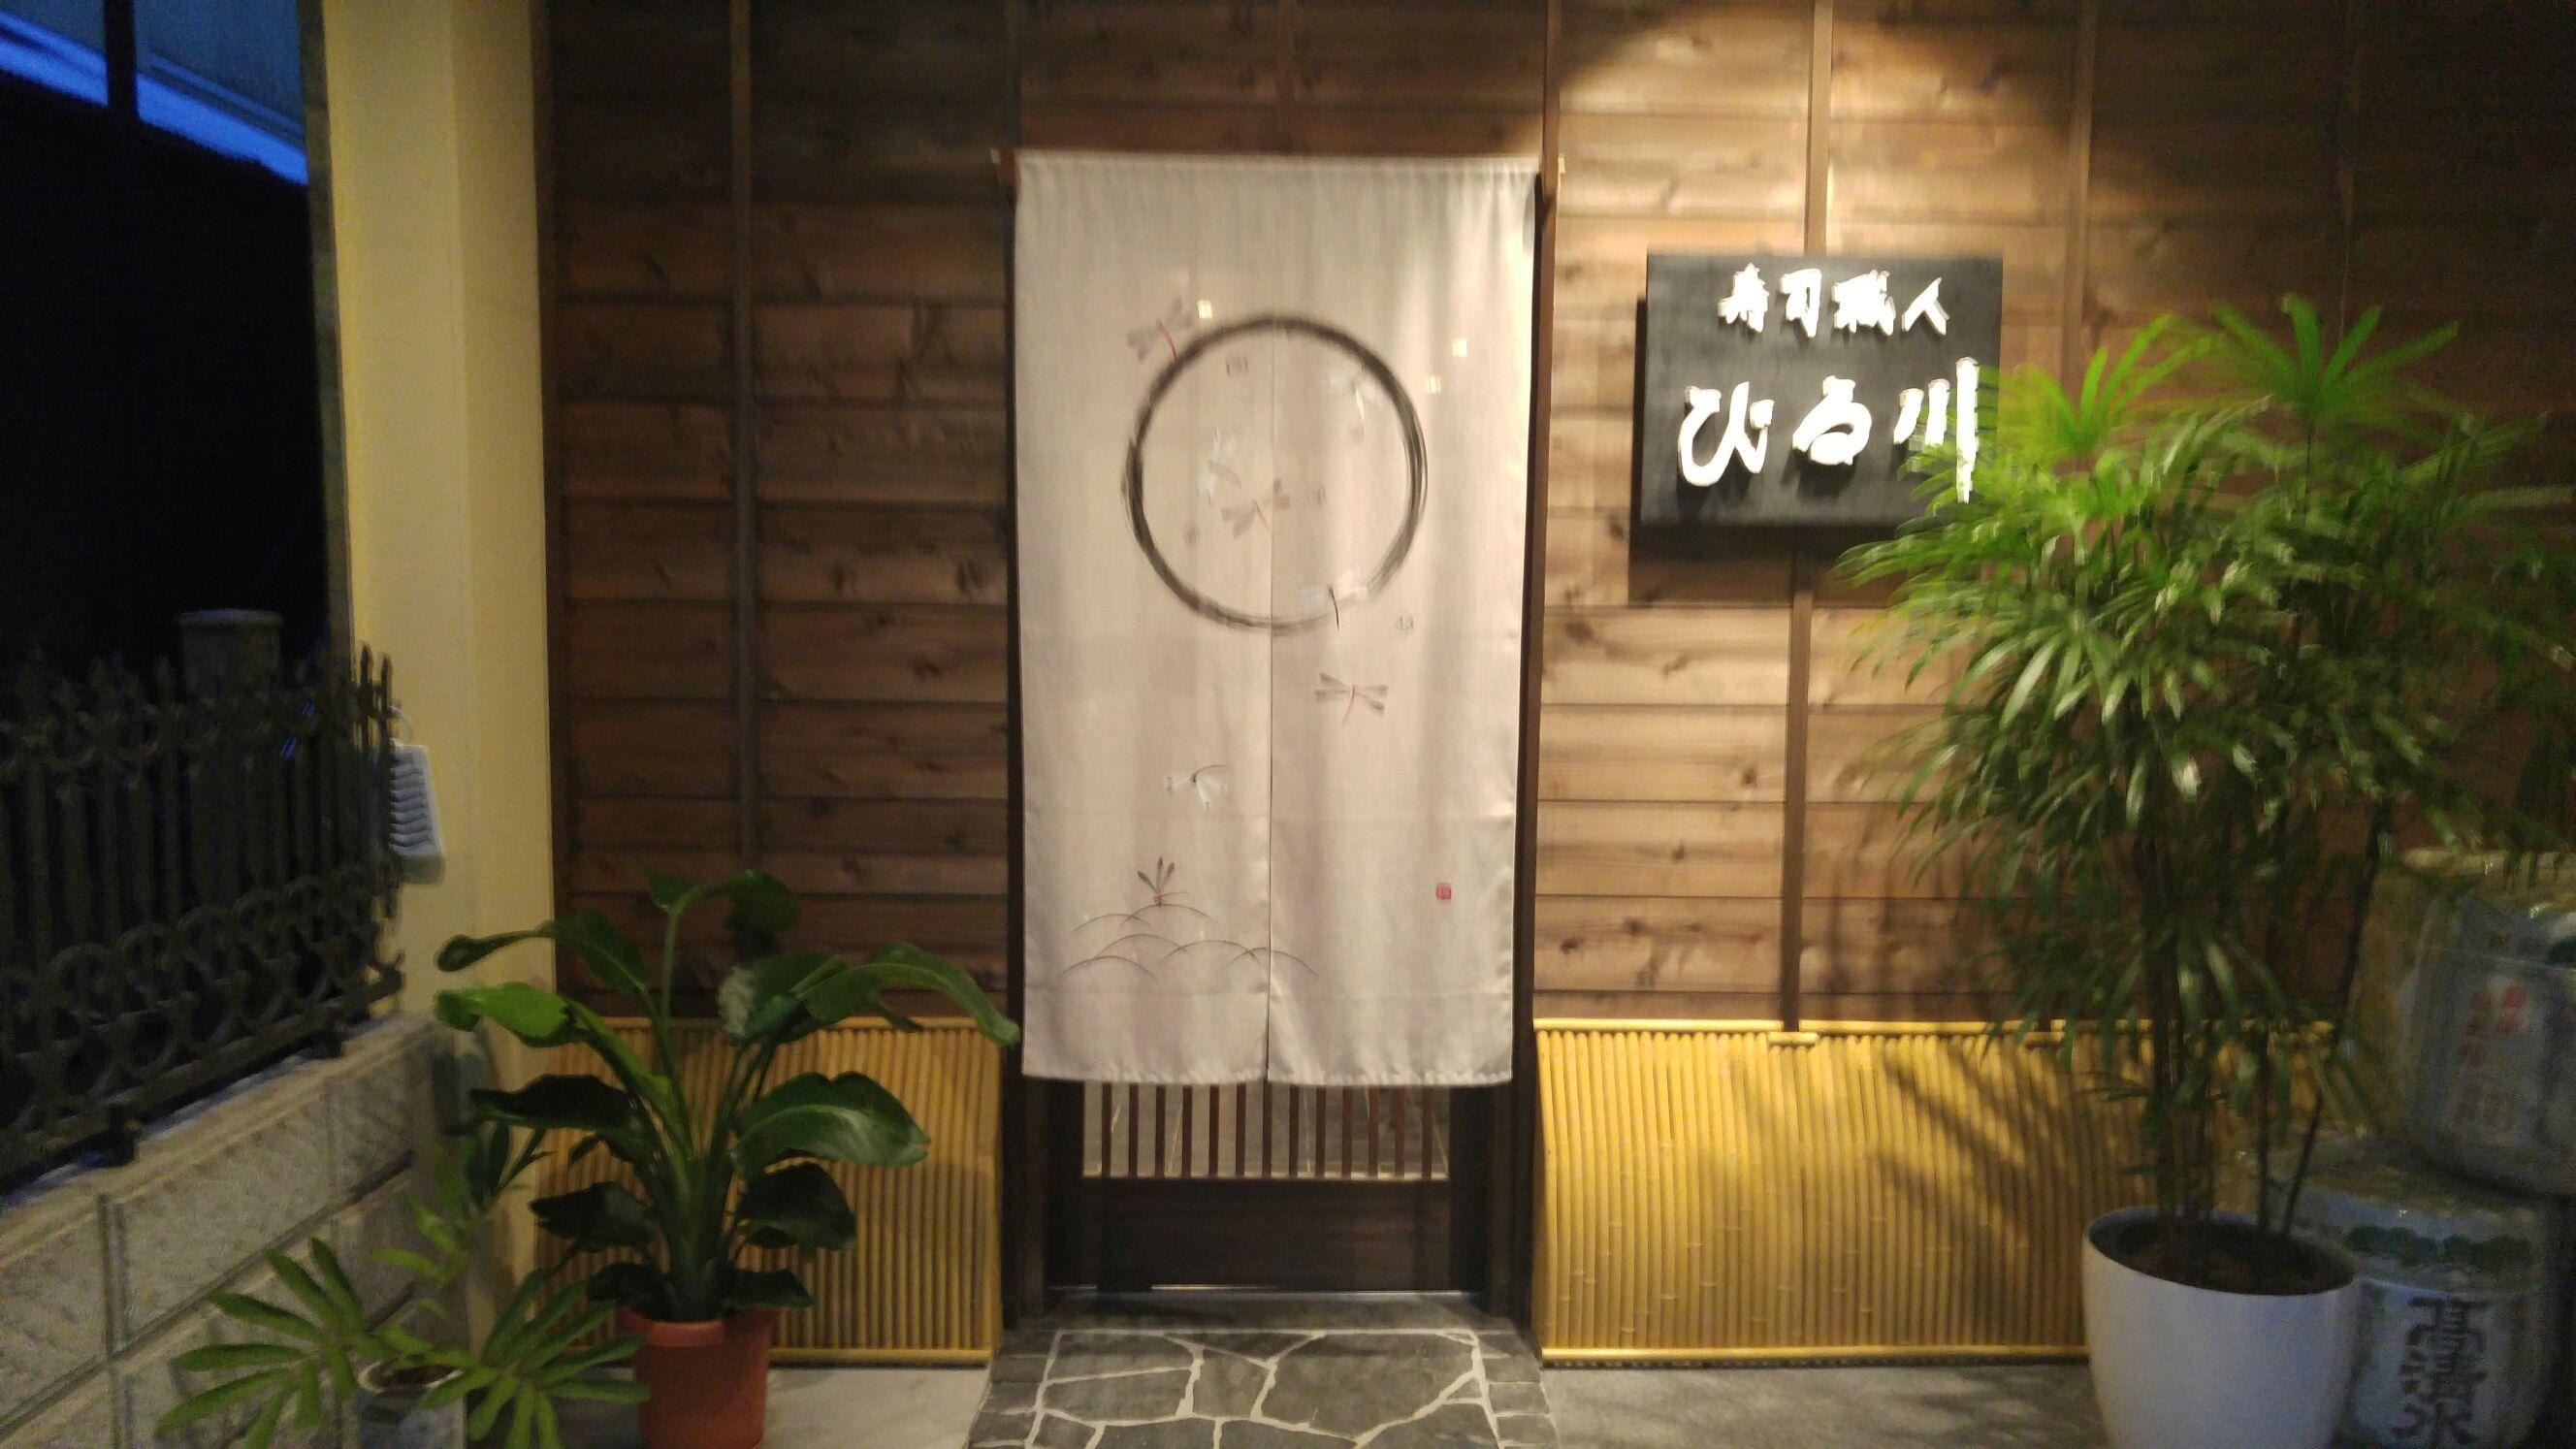 birukawa-sushishokunin-1